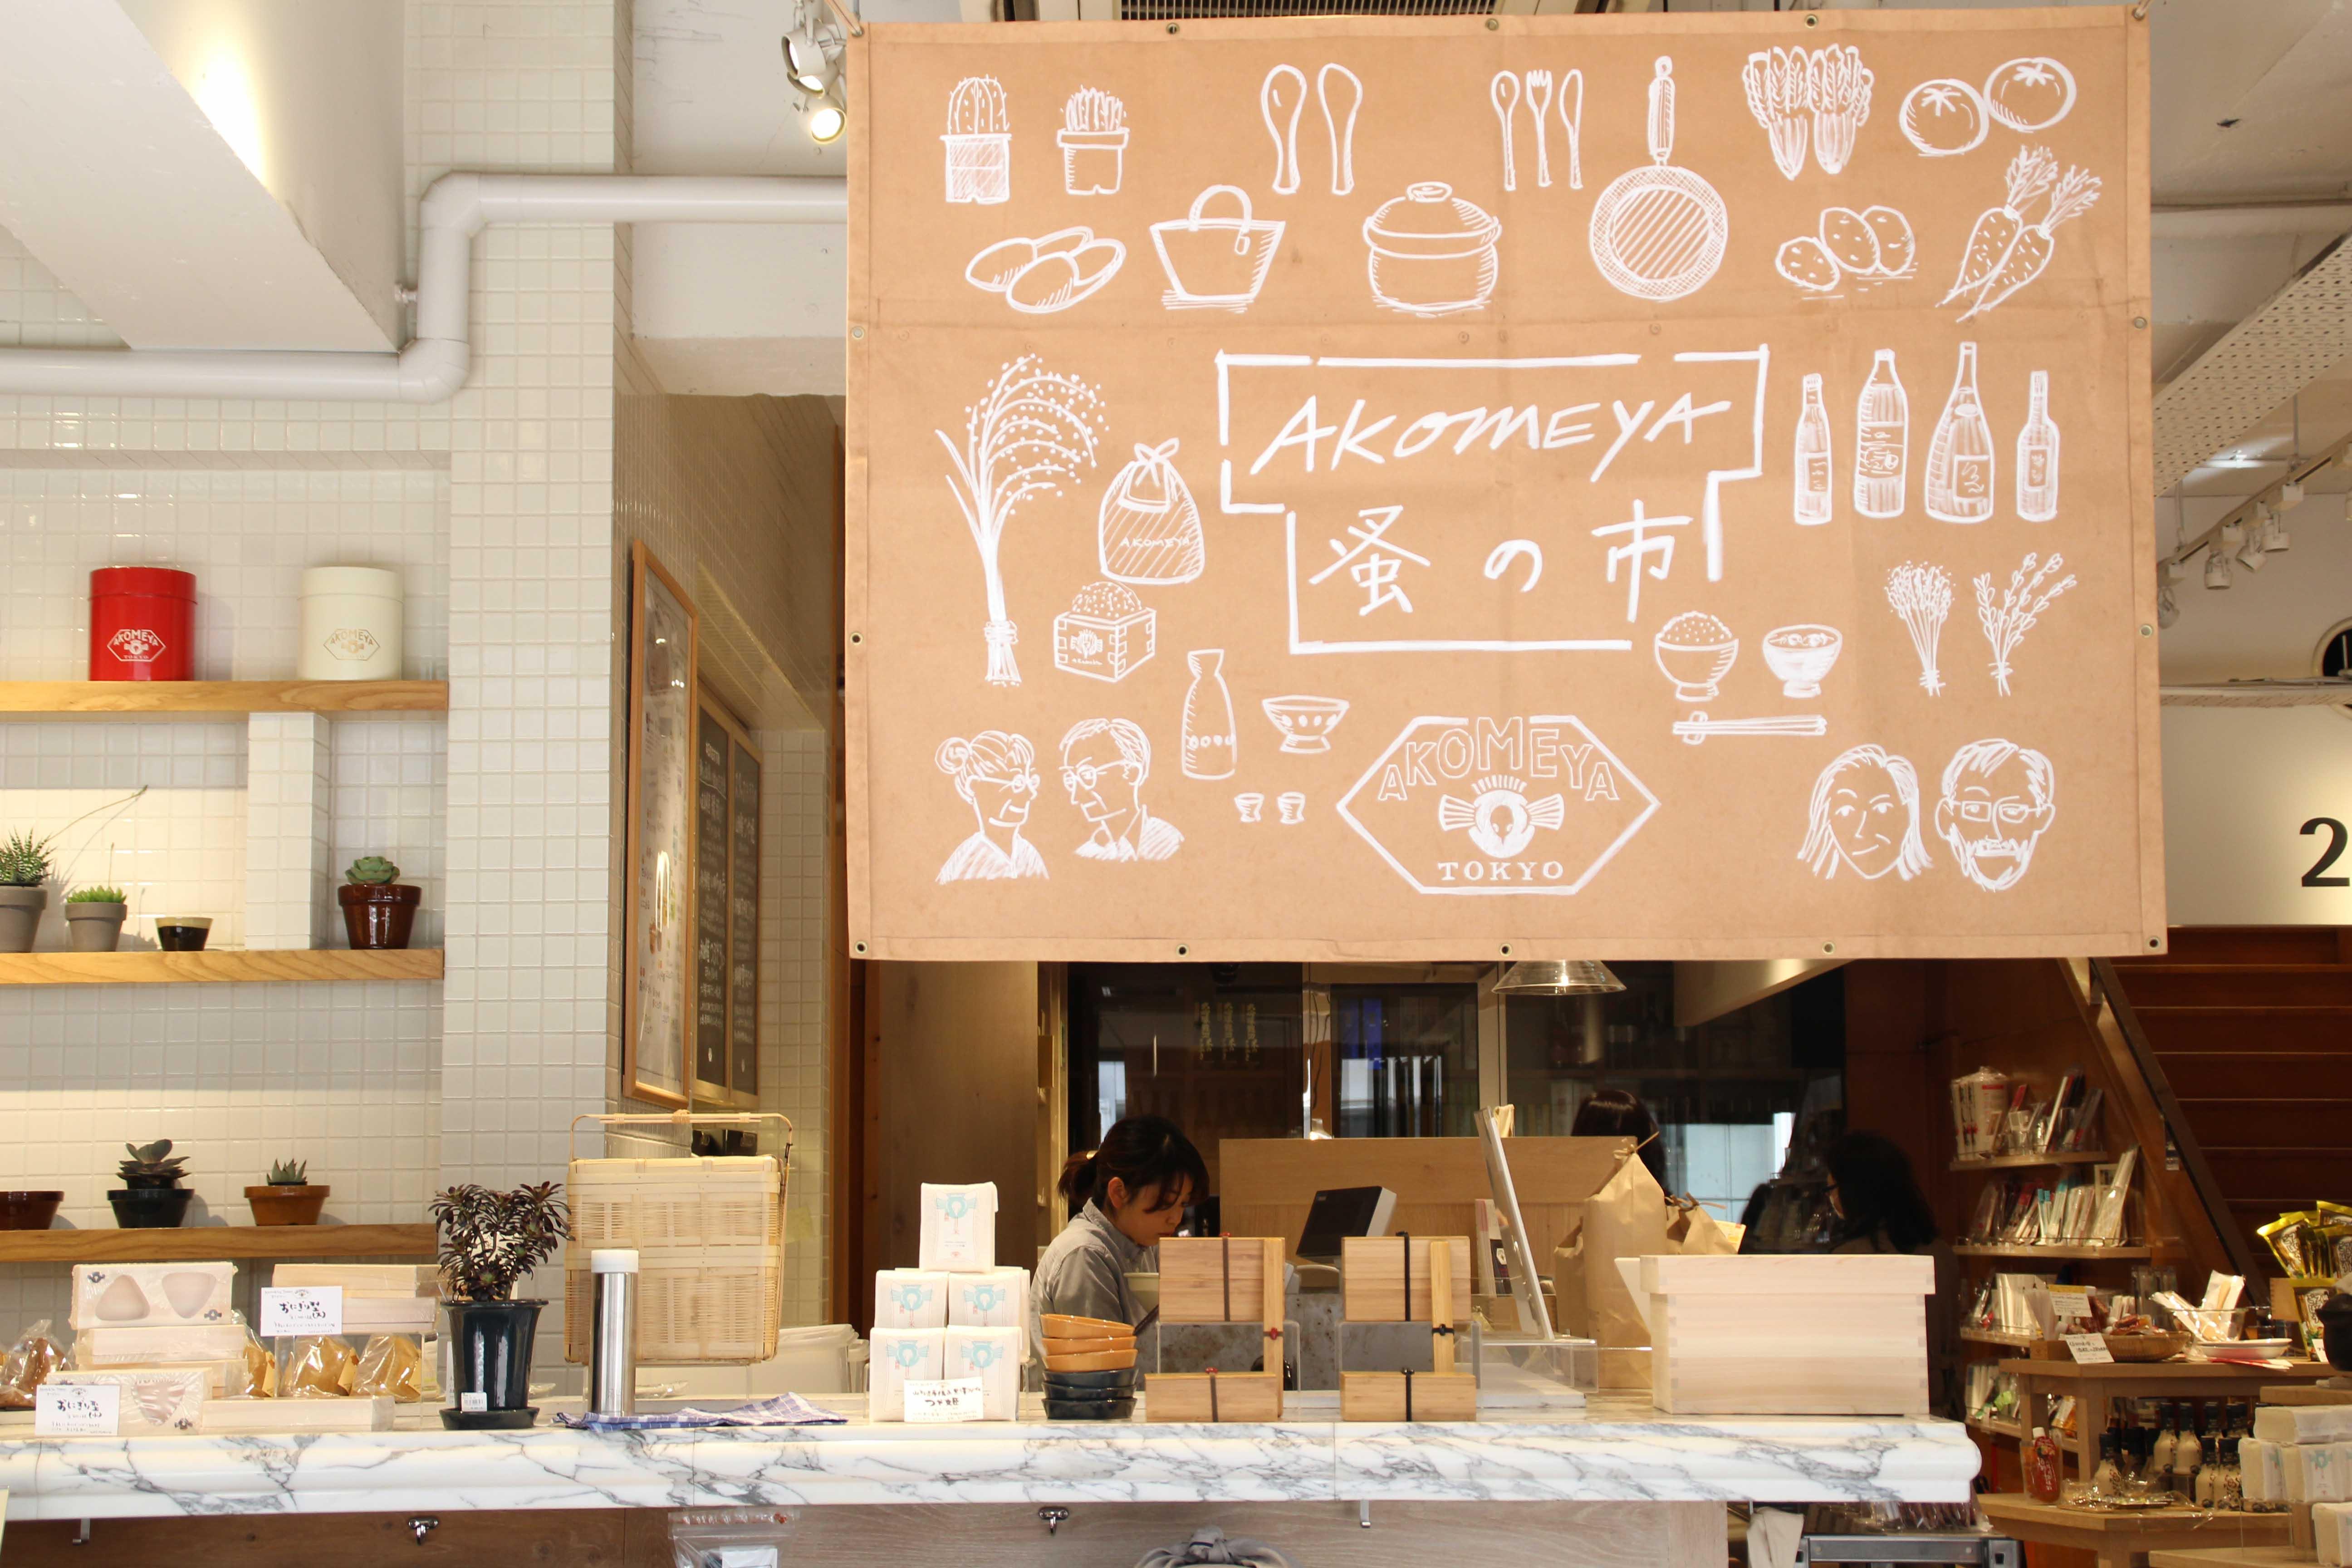 자체 패키지 디자인도 꾸준히 개발합니다. 아코메야가 직접 만든 디자인을 매장 곳곳에서 활용하고 있습니다. ⓒ트래블코드